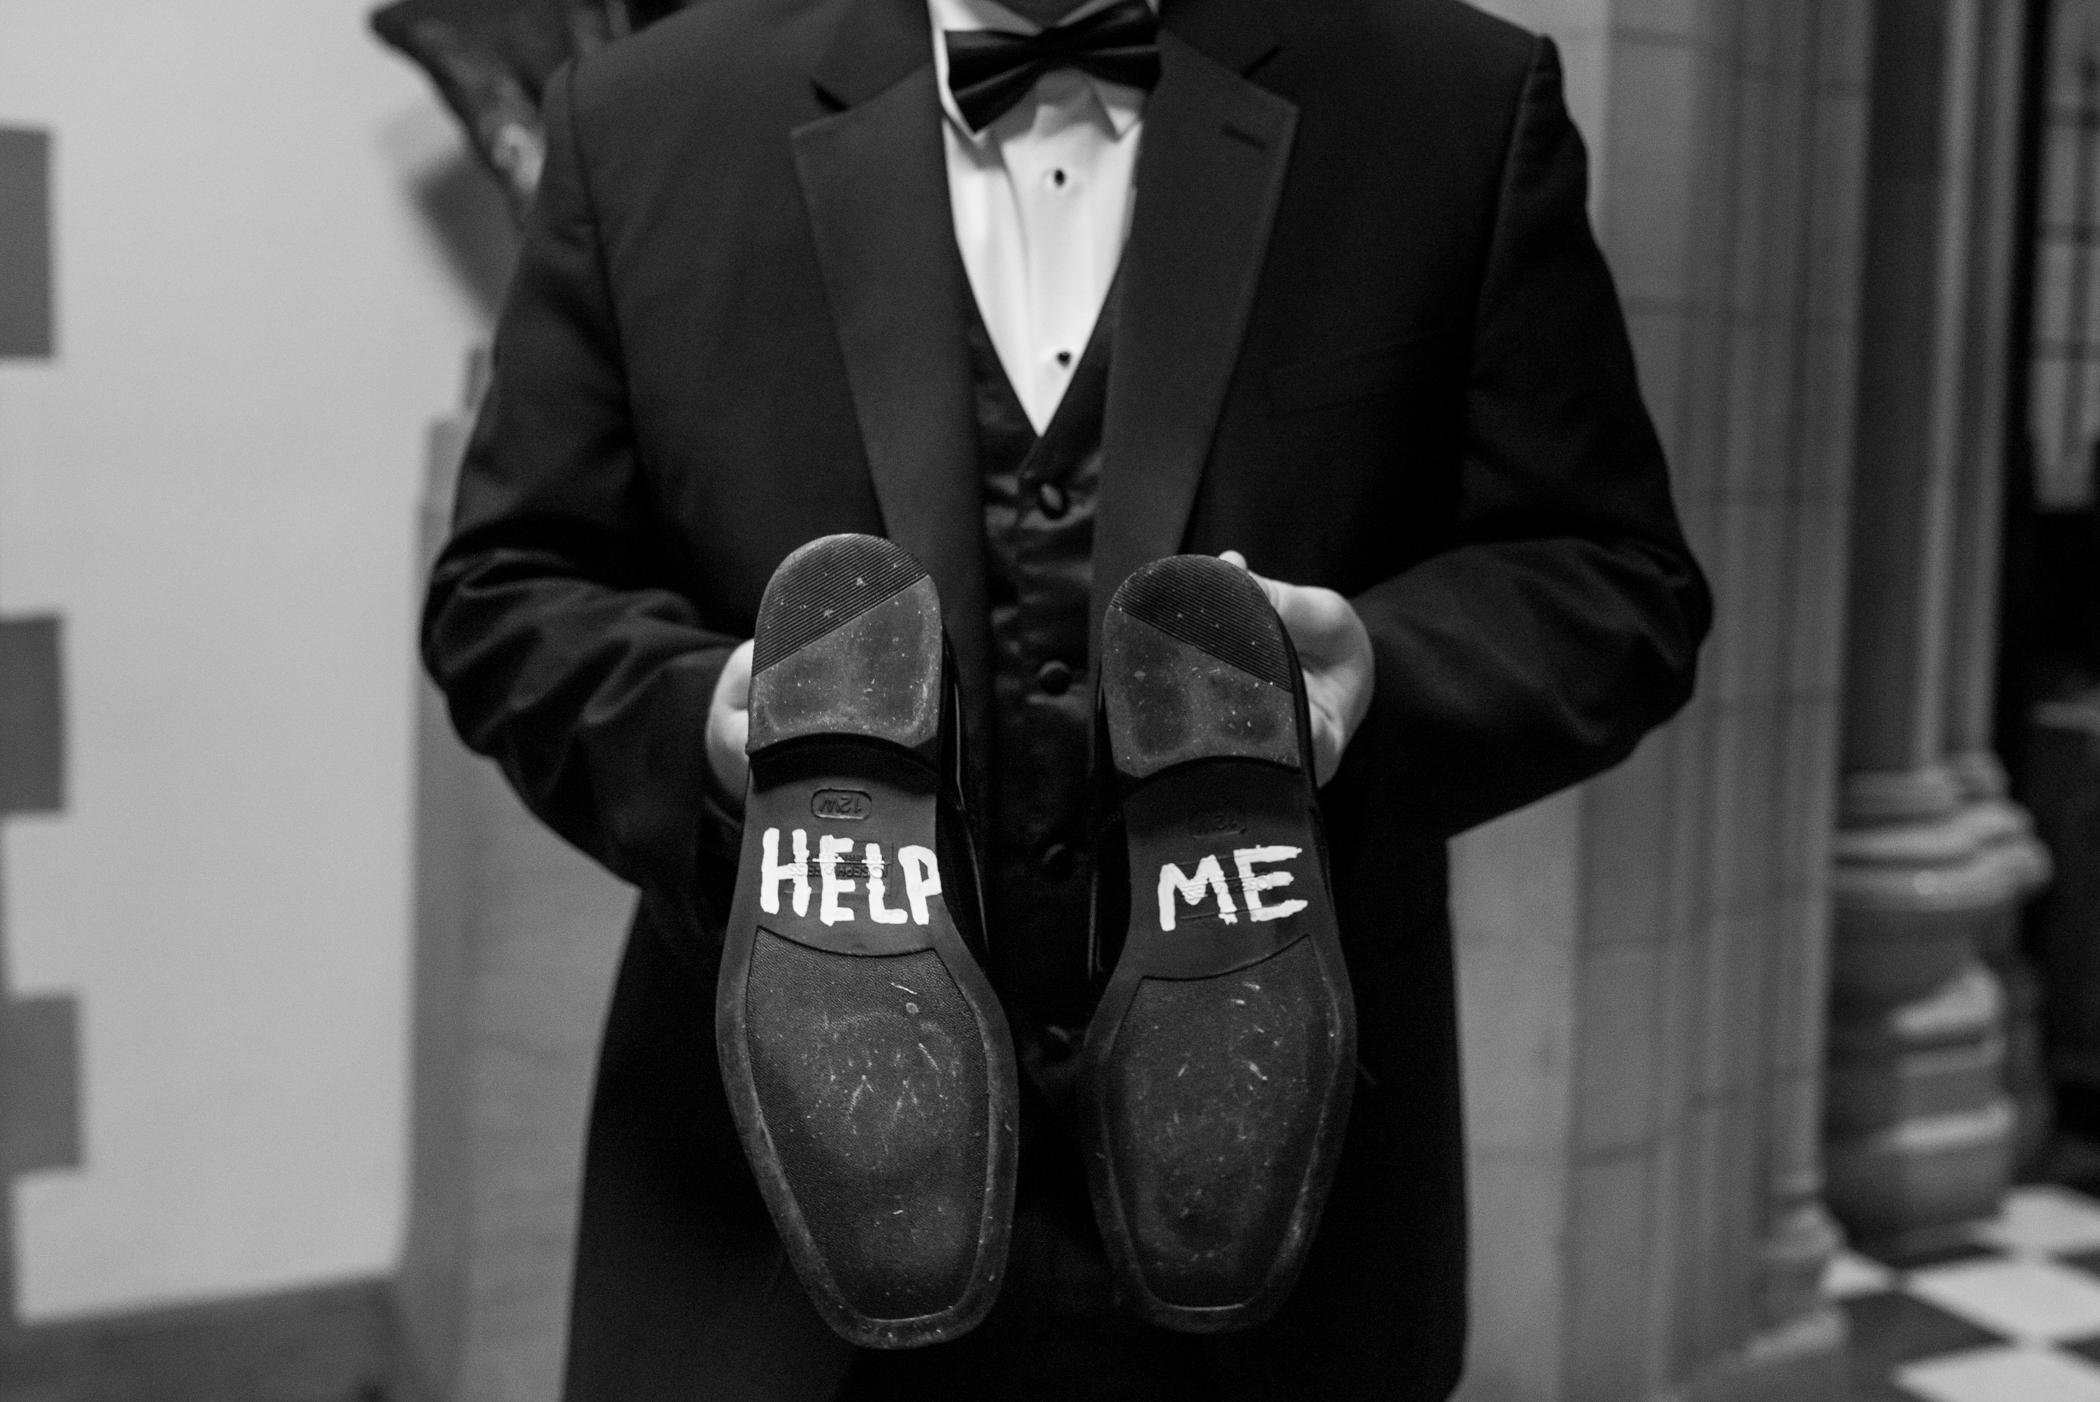 Stefy Hilmer Photography-wedding day fun on wedding shoes.jpg